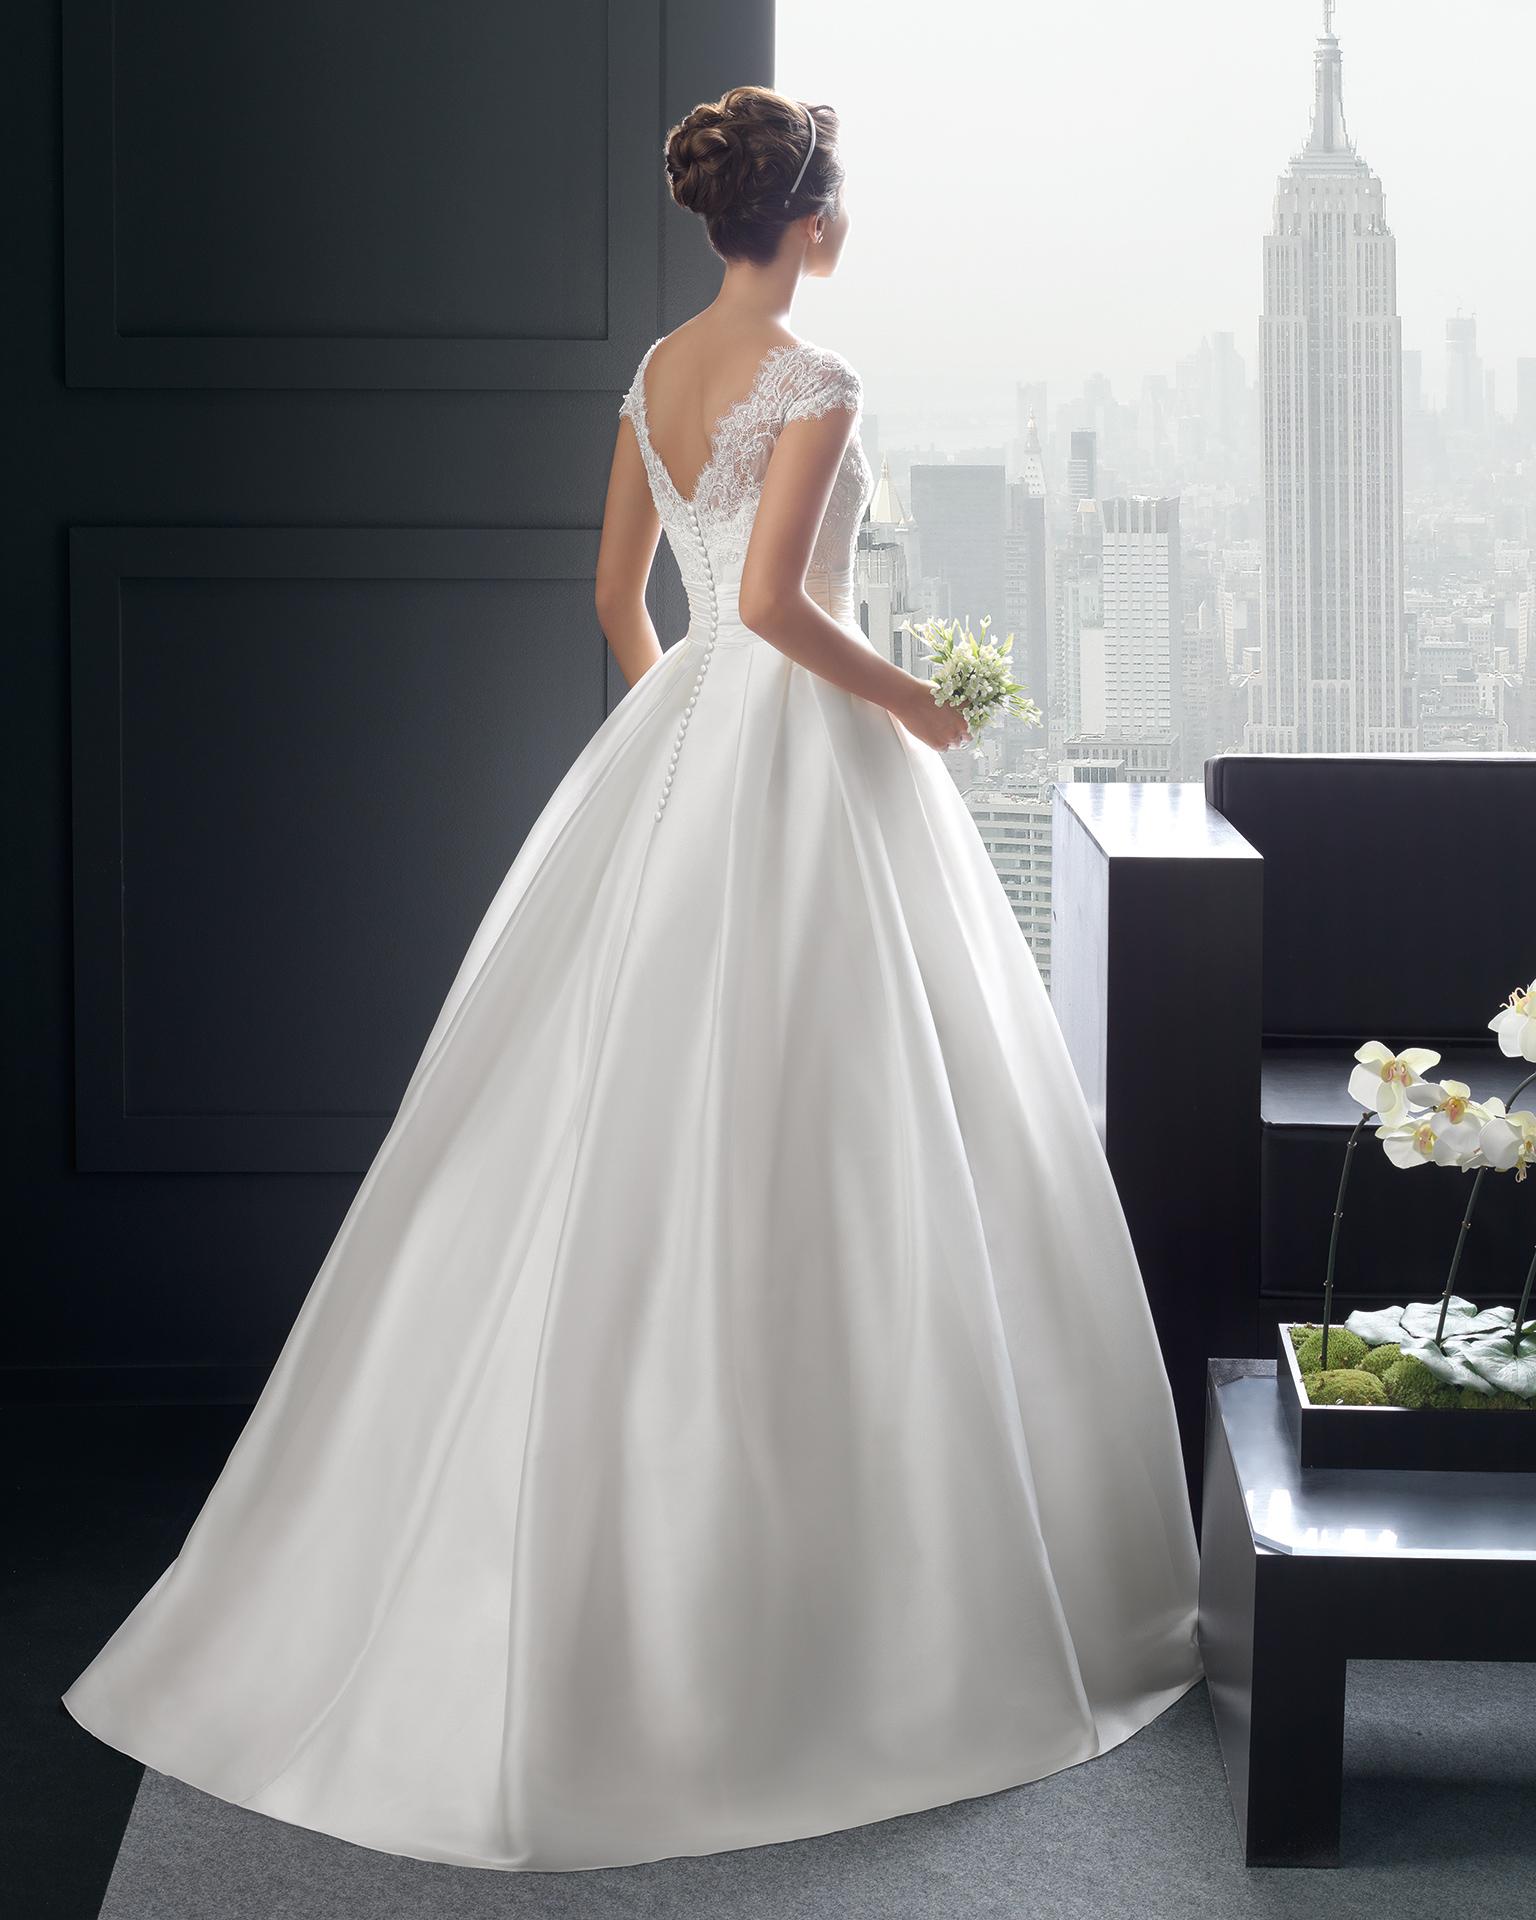 Mes recherches en amont pour ma robe de mariée ou comment j'ai écumé tout Internet